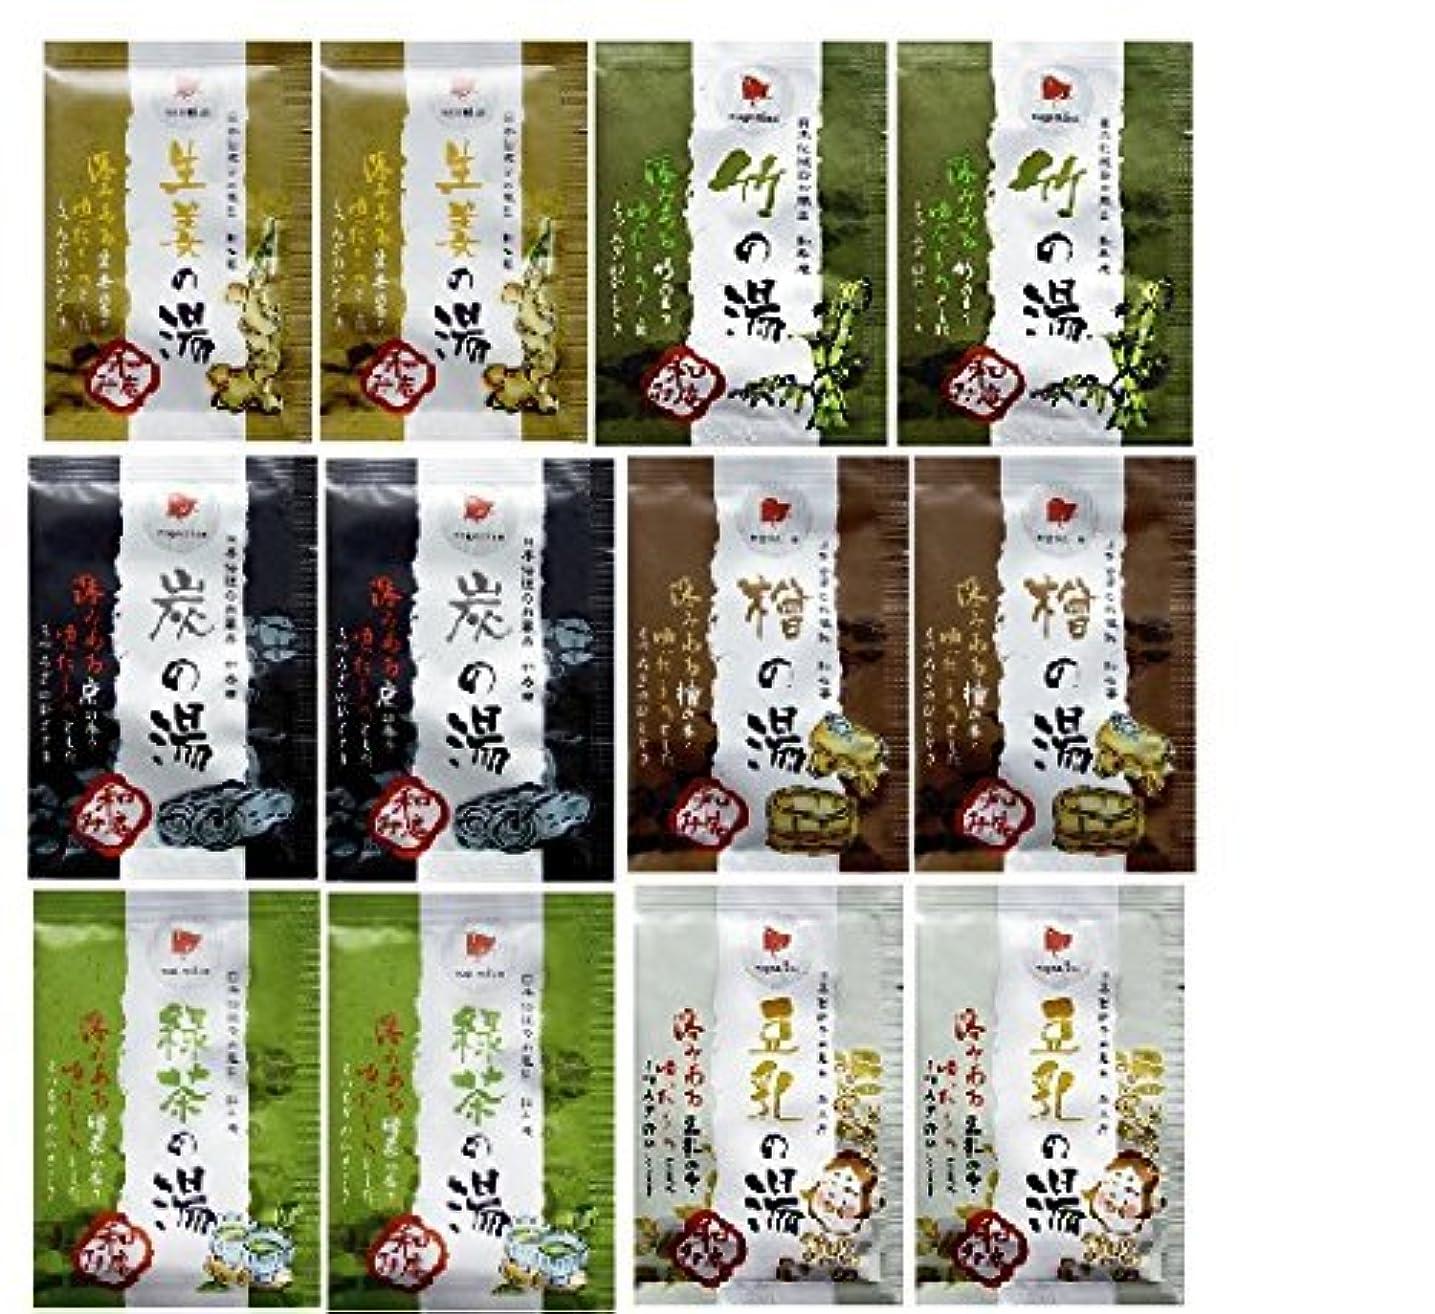 ラオス人強い廃棄する日本伝統のお風呂 和み庵 6種類×2 12包